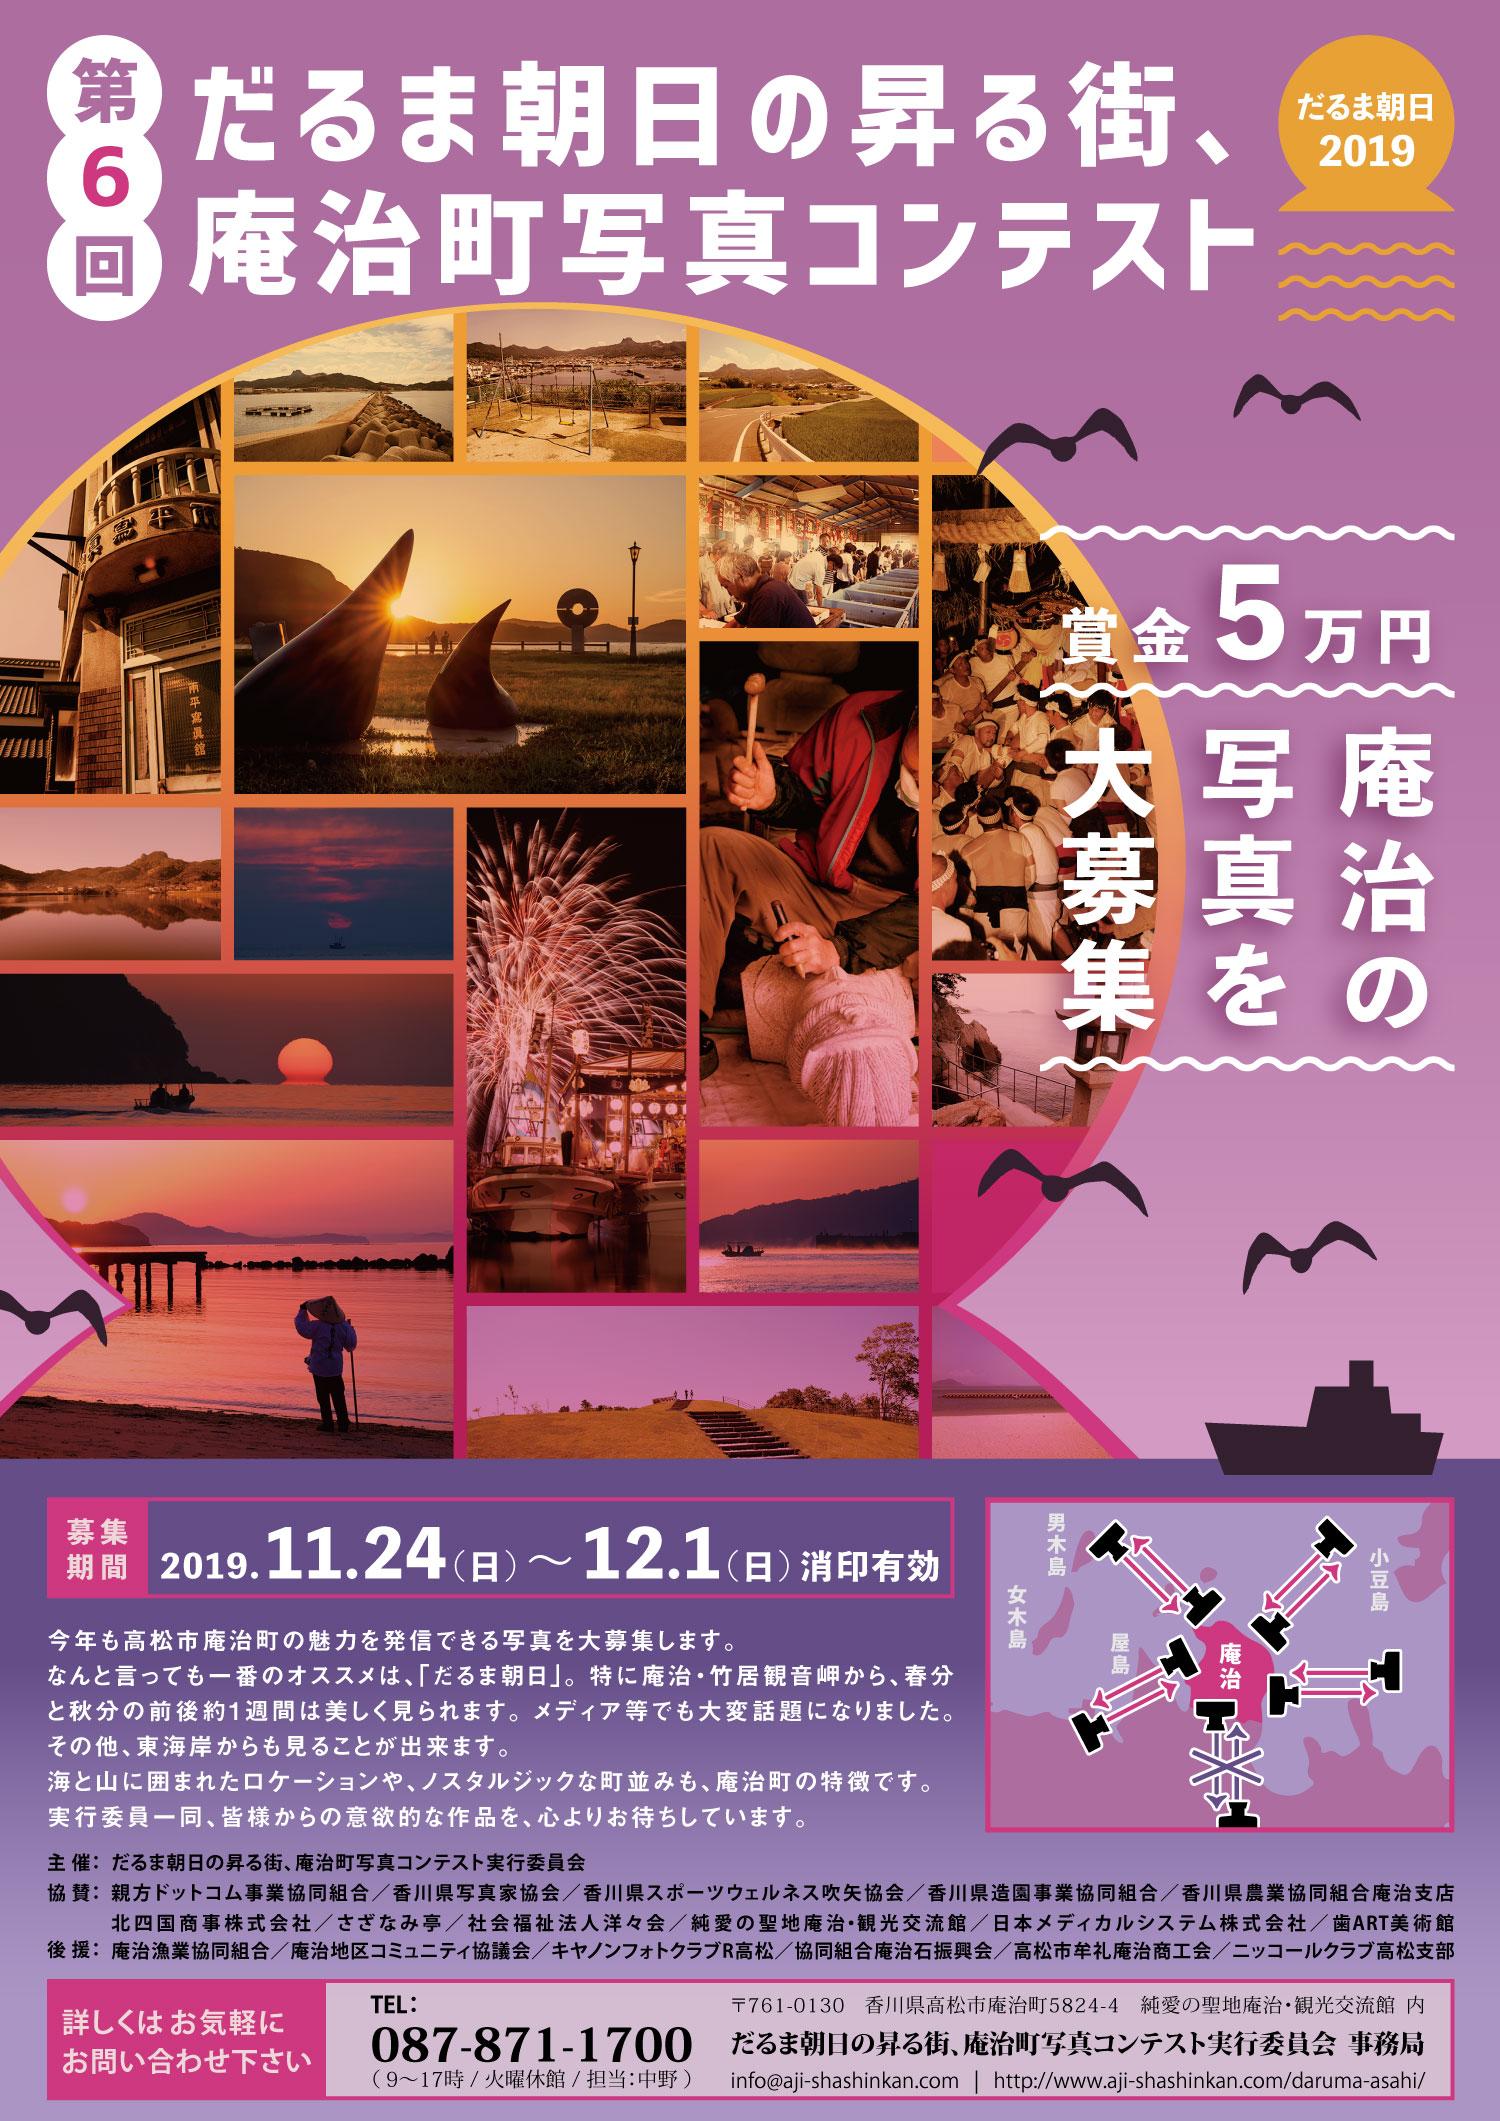 第6回(2019年度) だるま朝日の昇る街、庵治町写真コンテスト 応募要項 ポスター